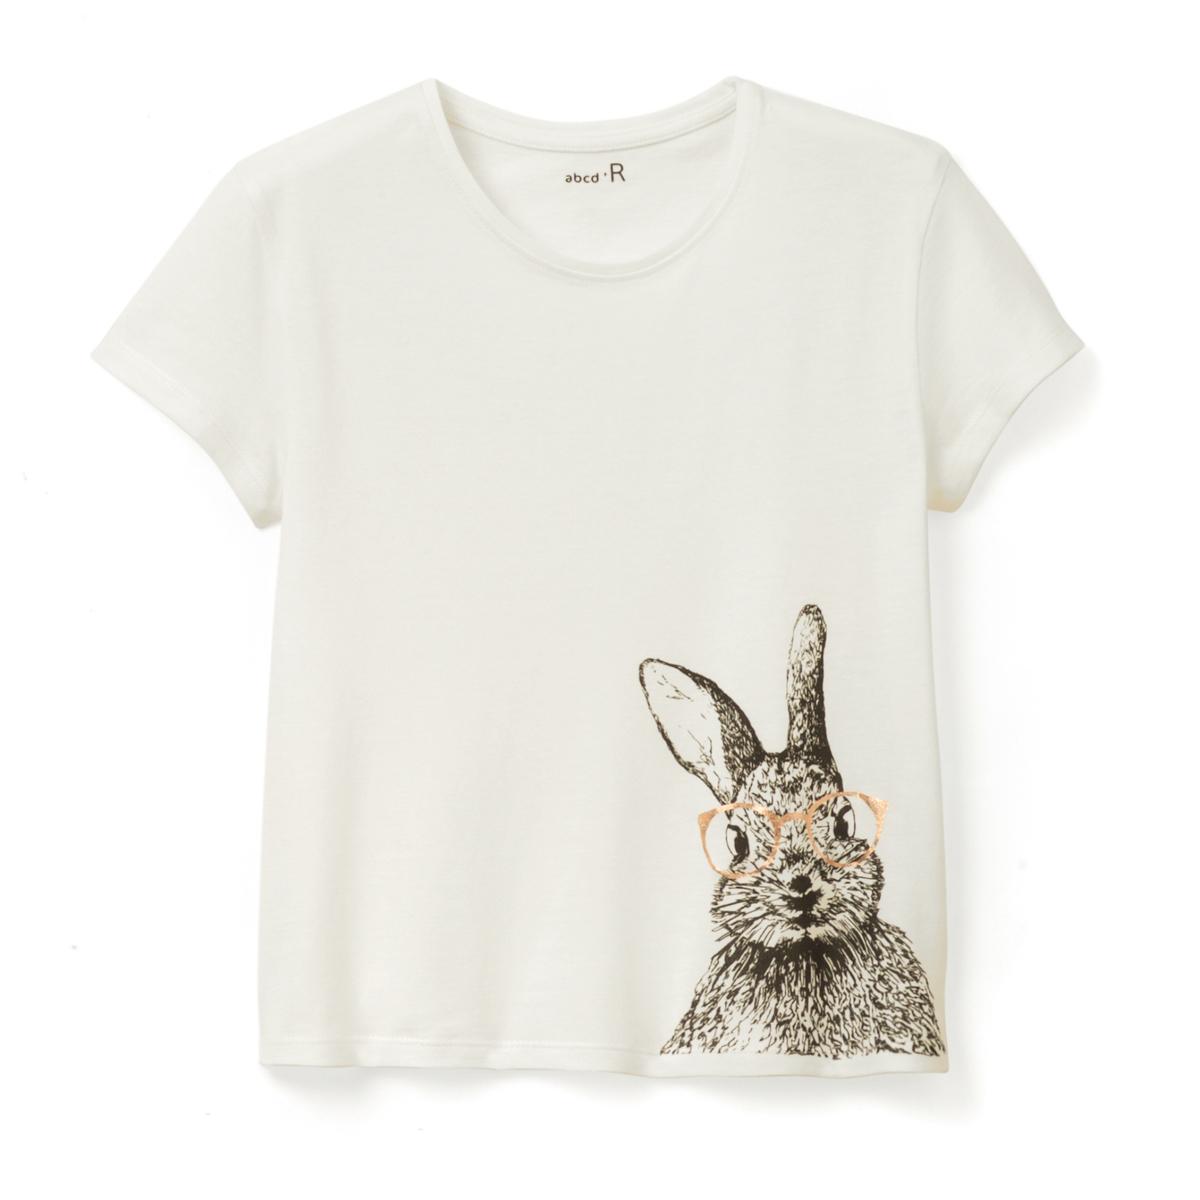 Футболка с рисунком кролик, 3-12 лет футболка с рисунком ананас 100% хлопка для от 1 месяца до 3 лет